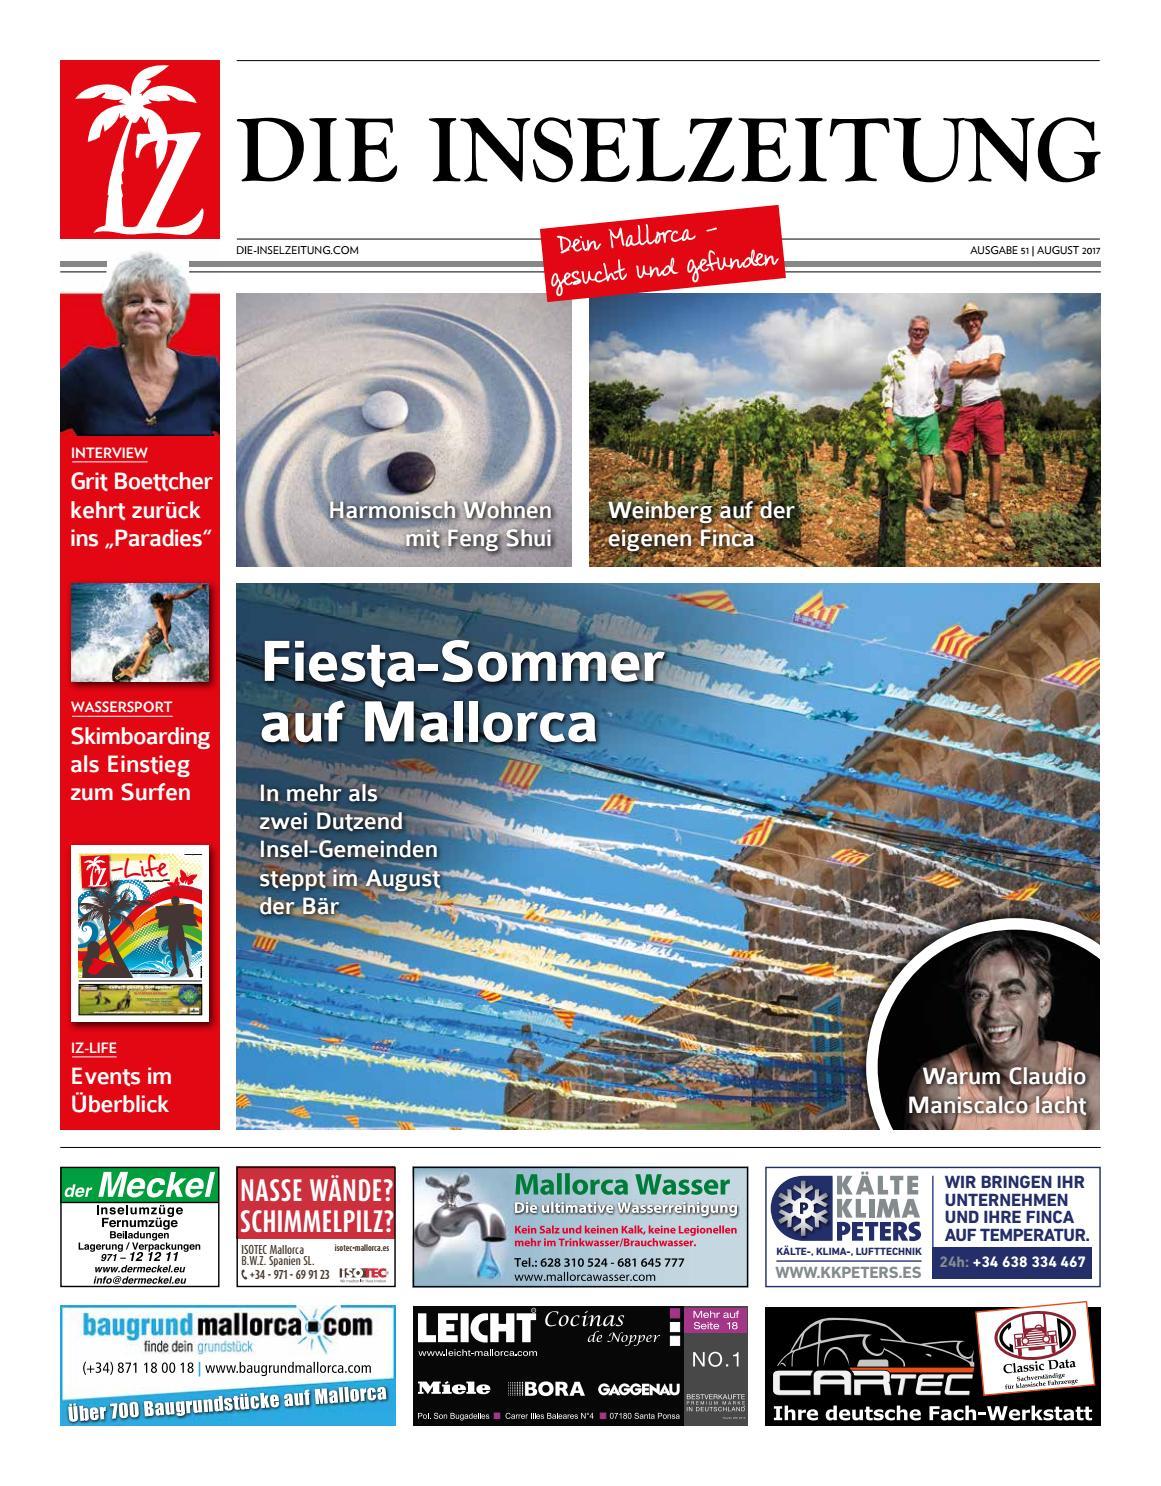 Flugverspätung Mallorca Aktuell